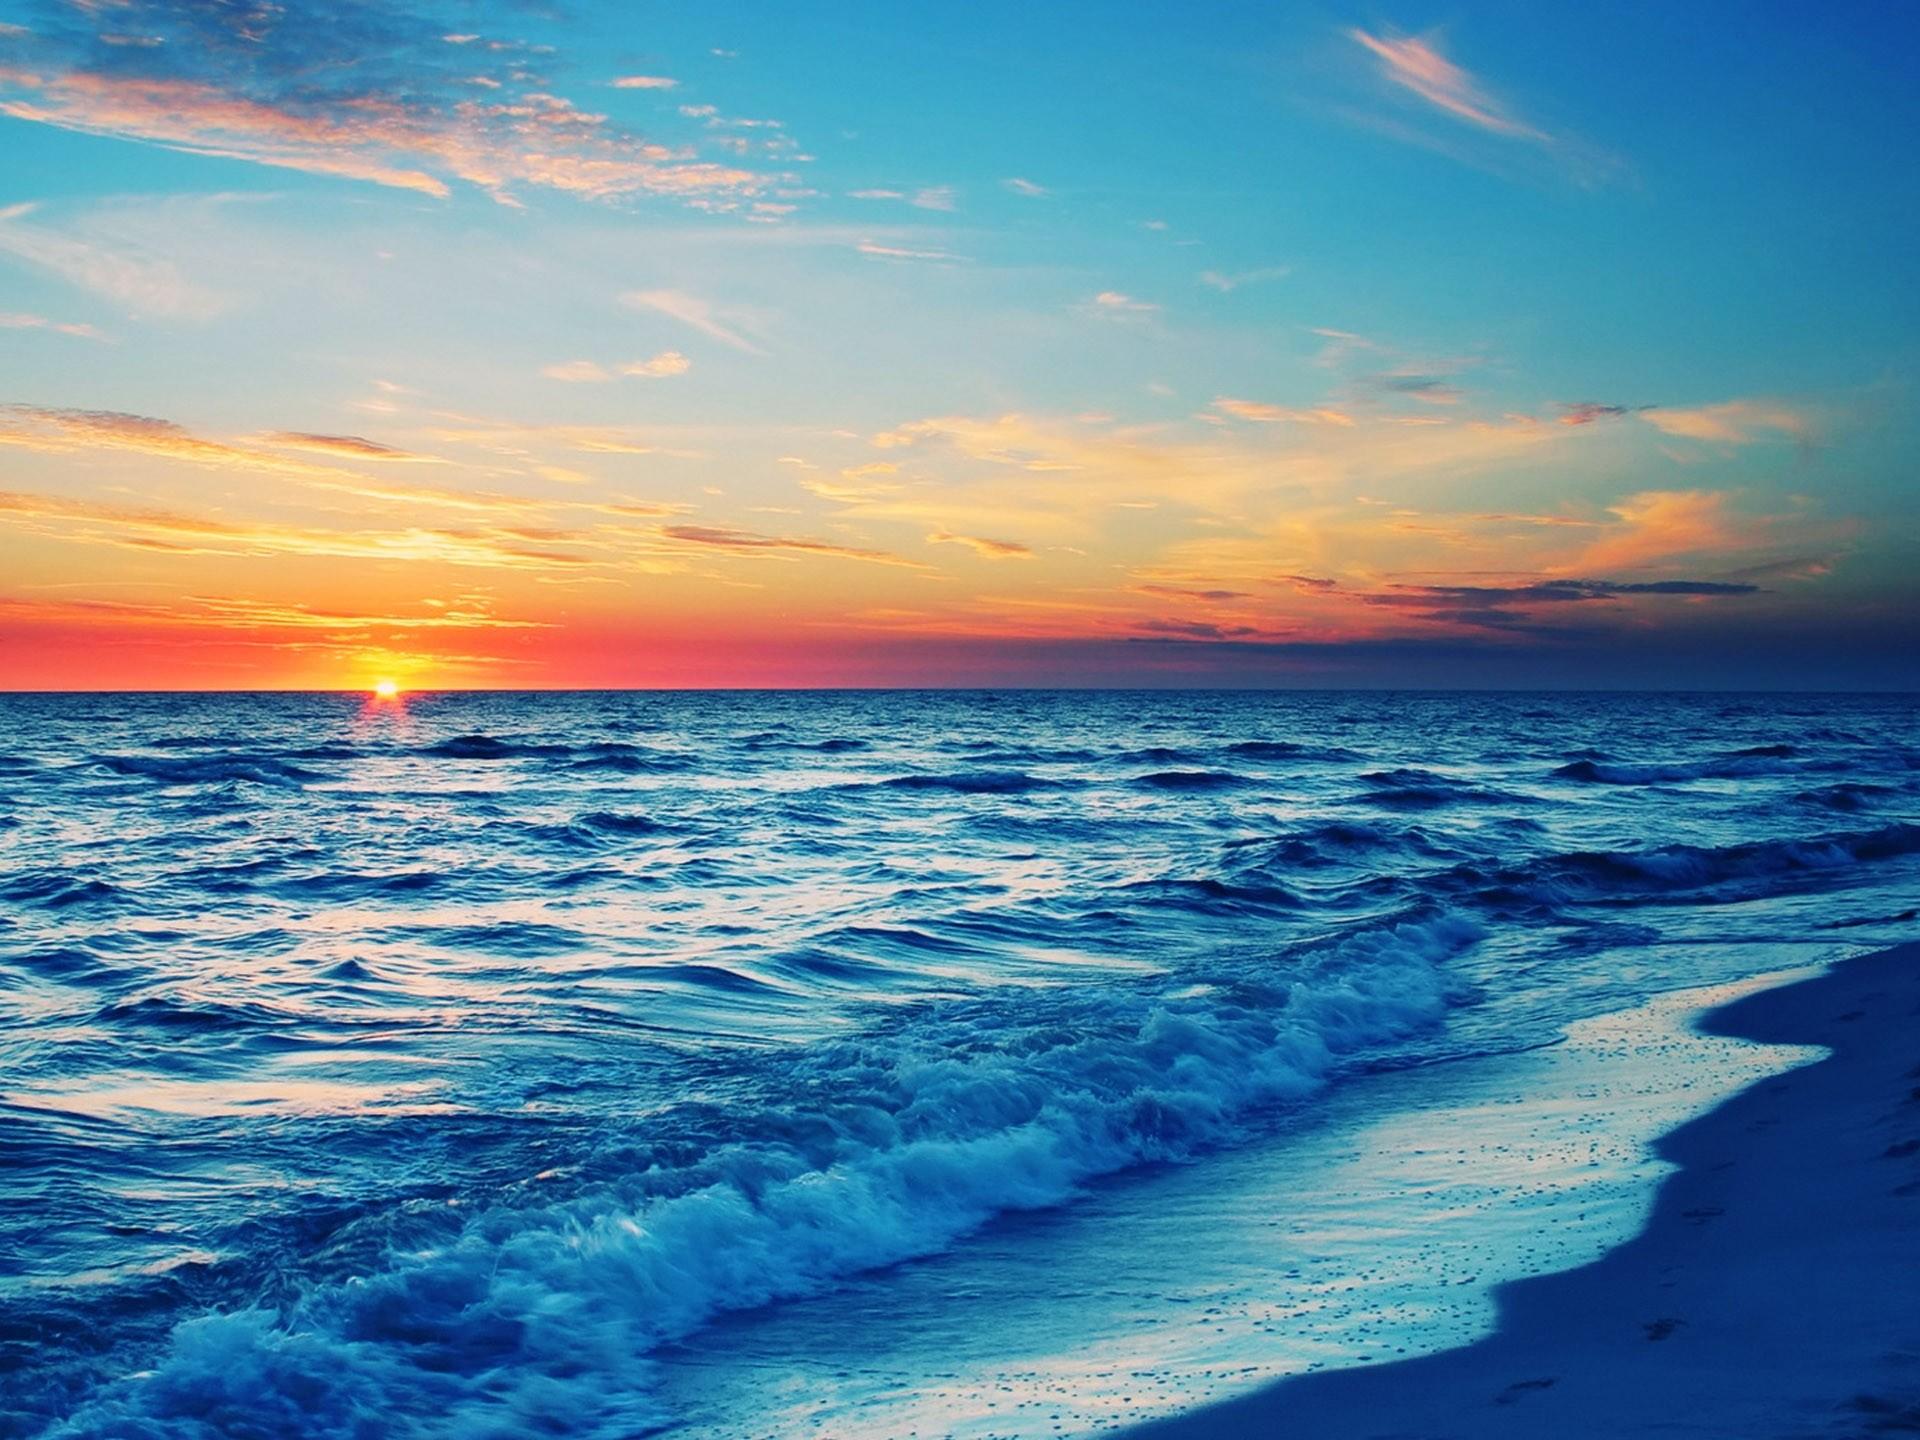 HD Beach At Sunset Wallpaper